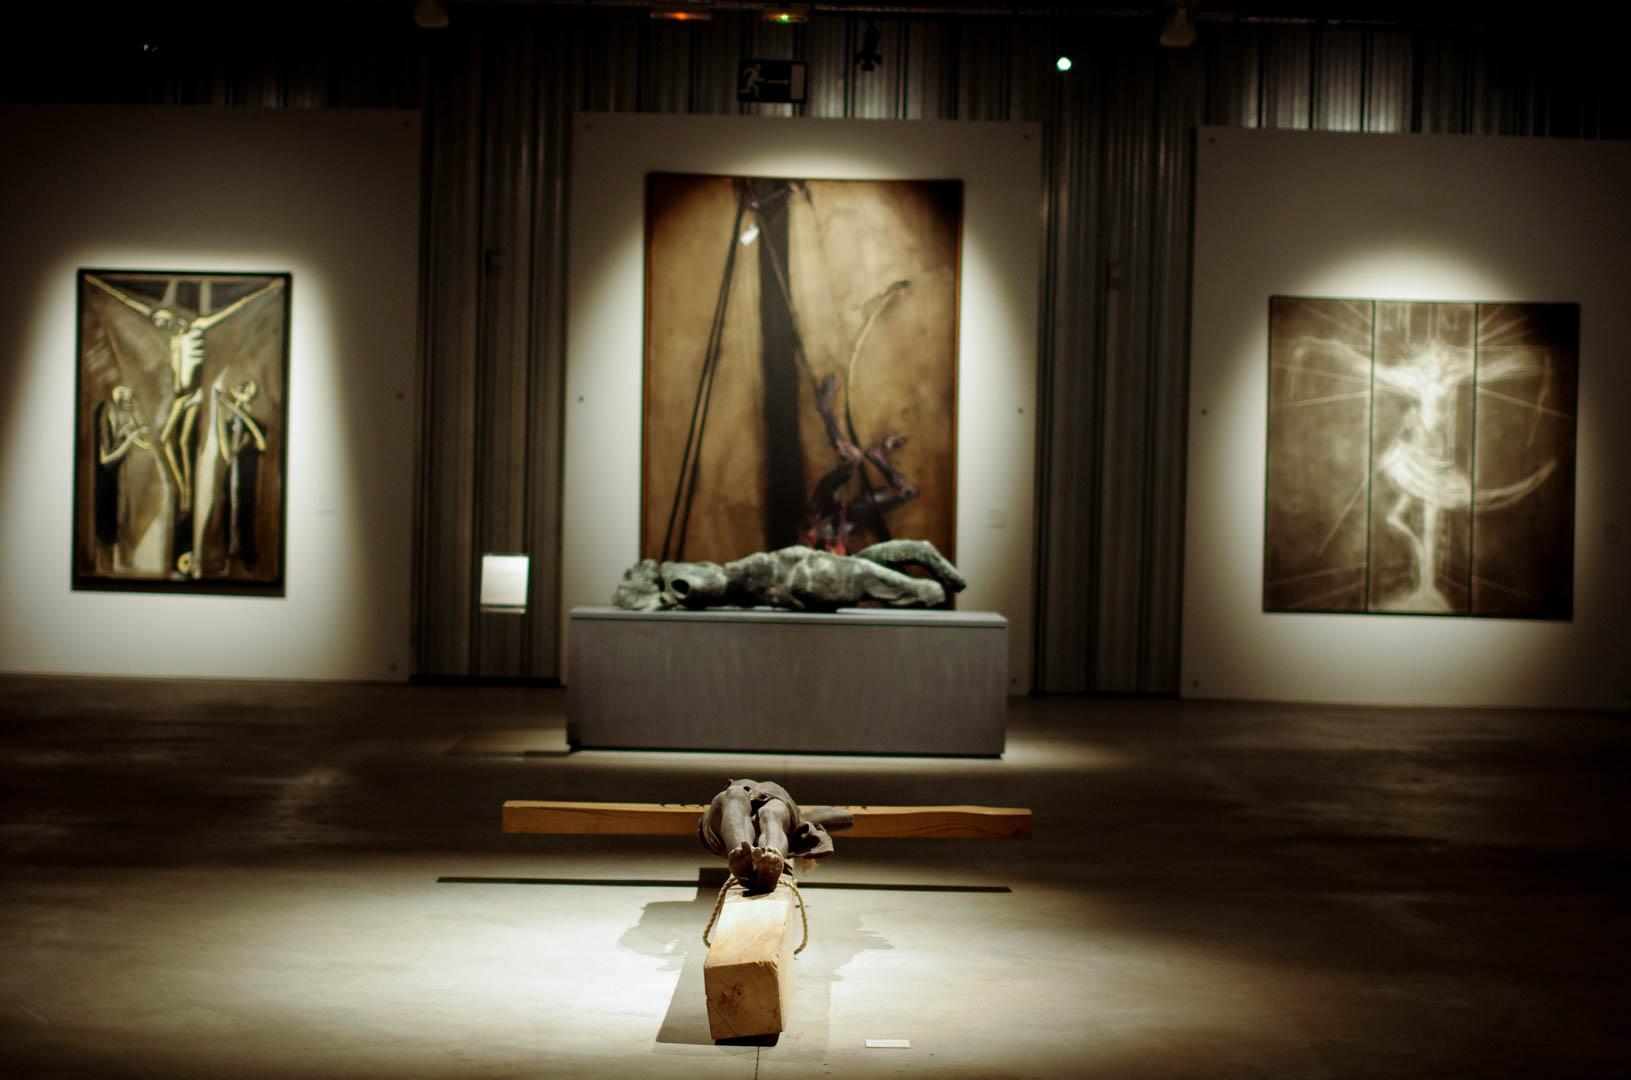 centre d'art sacre de lille crucifixions cathedrale notre dame de la treille 6066